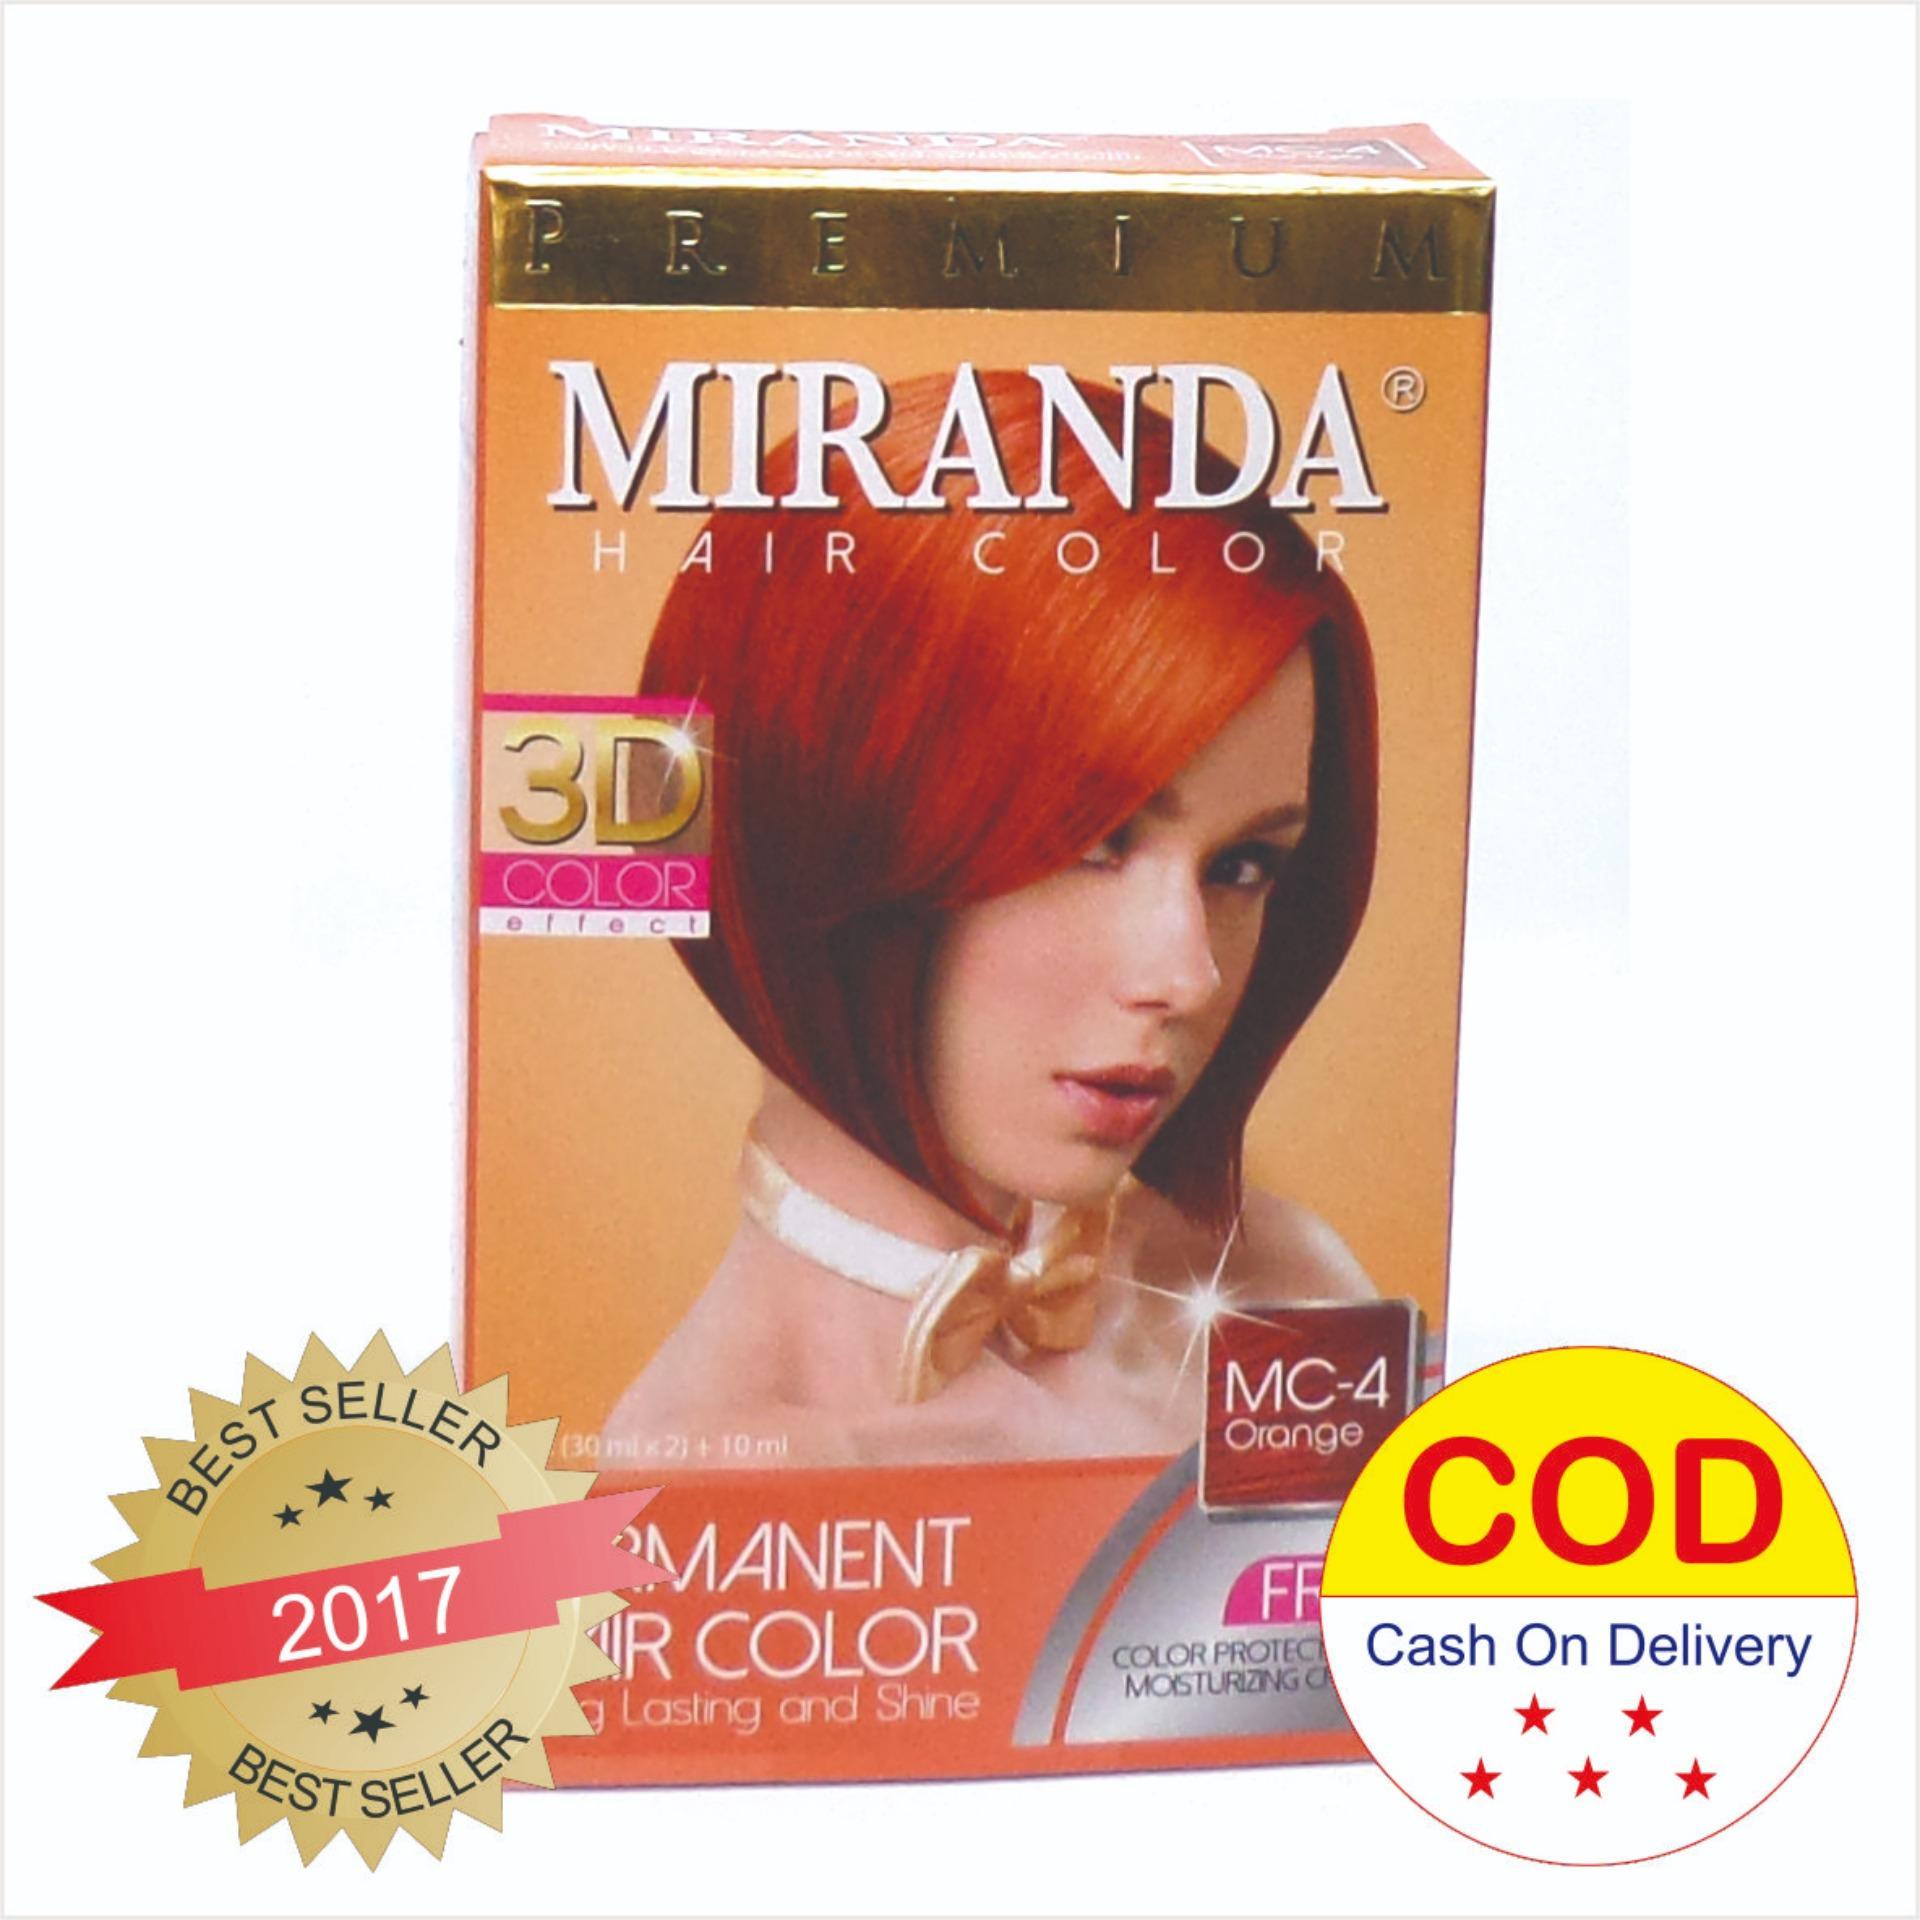 miranda hair color / cat rambut warna sesuai